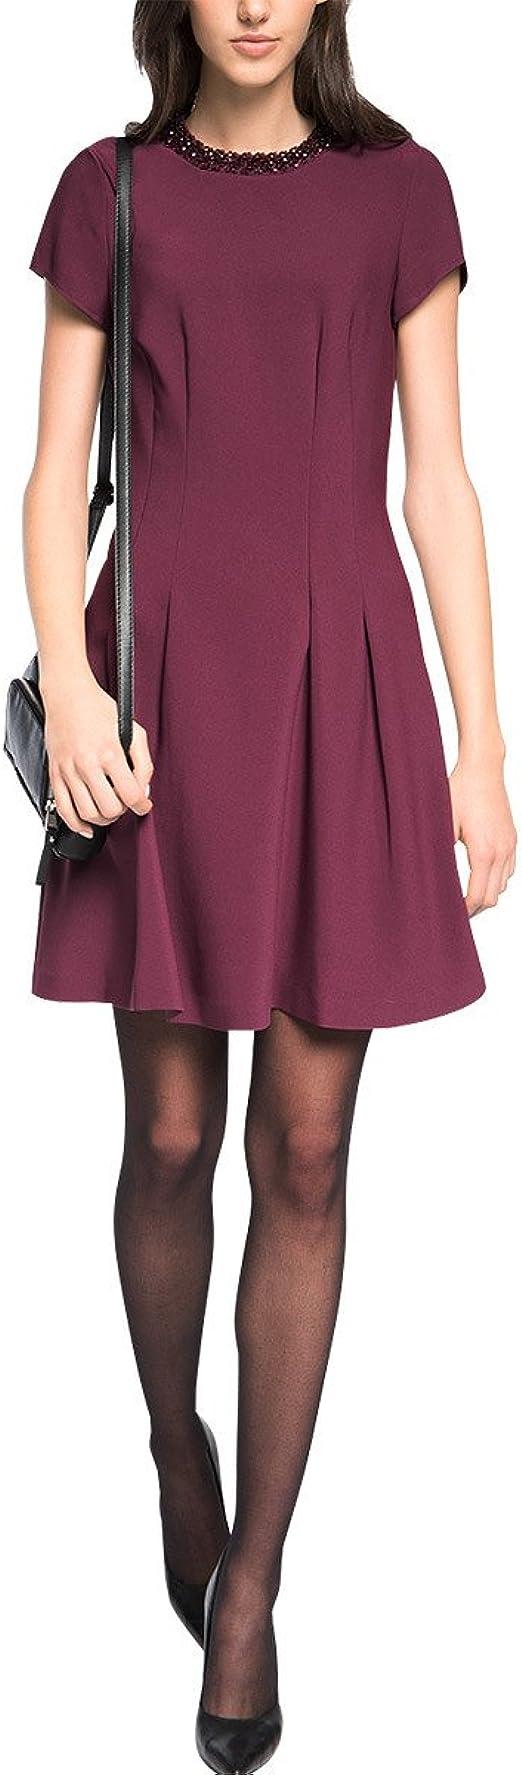 ESPRIT Collection Damen A-Linie Kleid aus Crepe, Knielang, Gr. 18